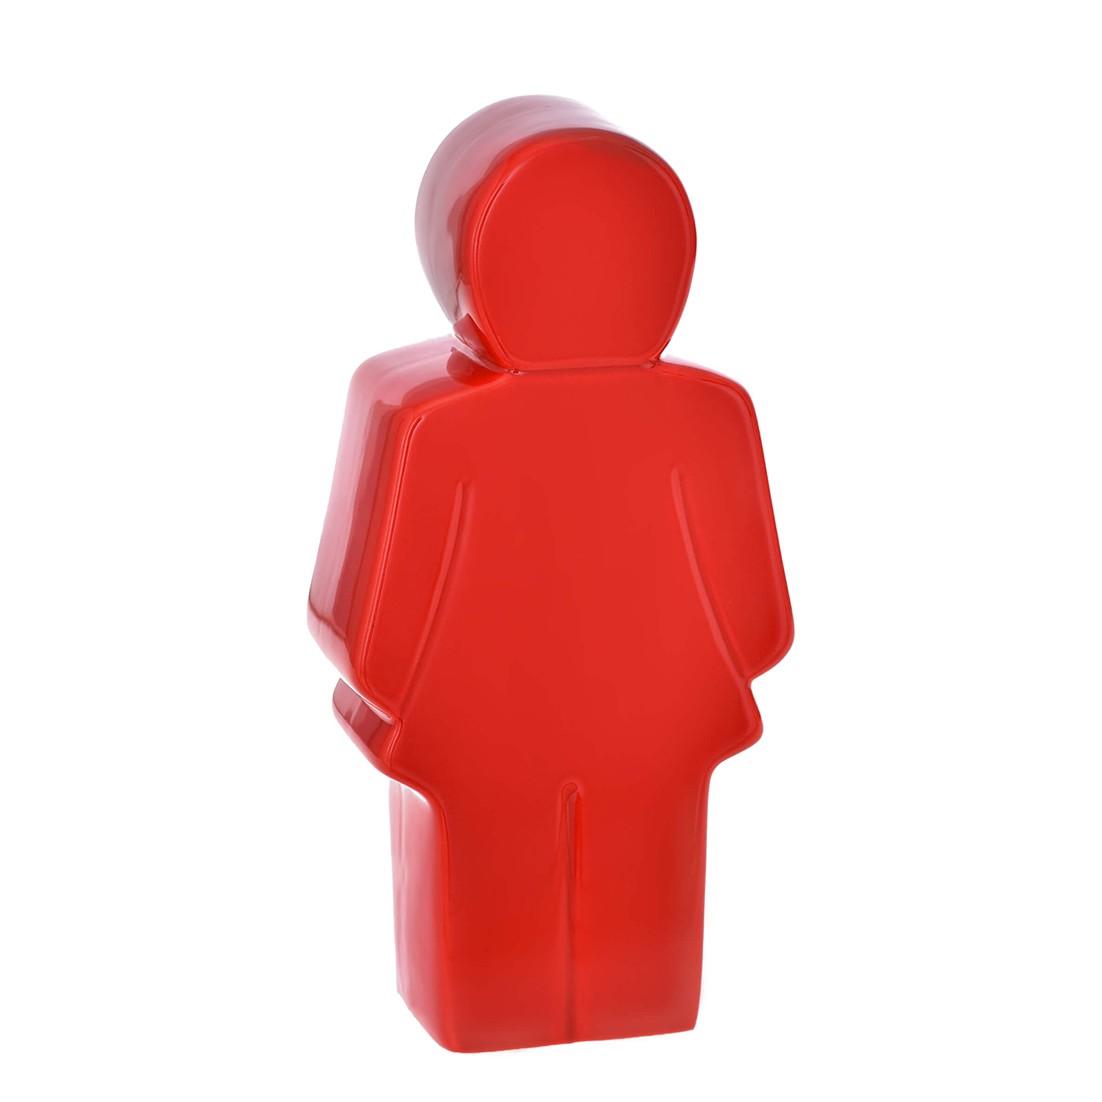 Enfeite Mulher 23cm de Ceramica Vermelho 37646-009